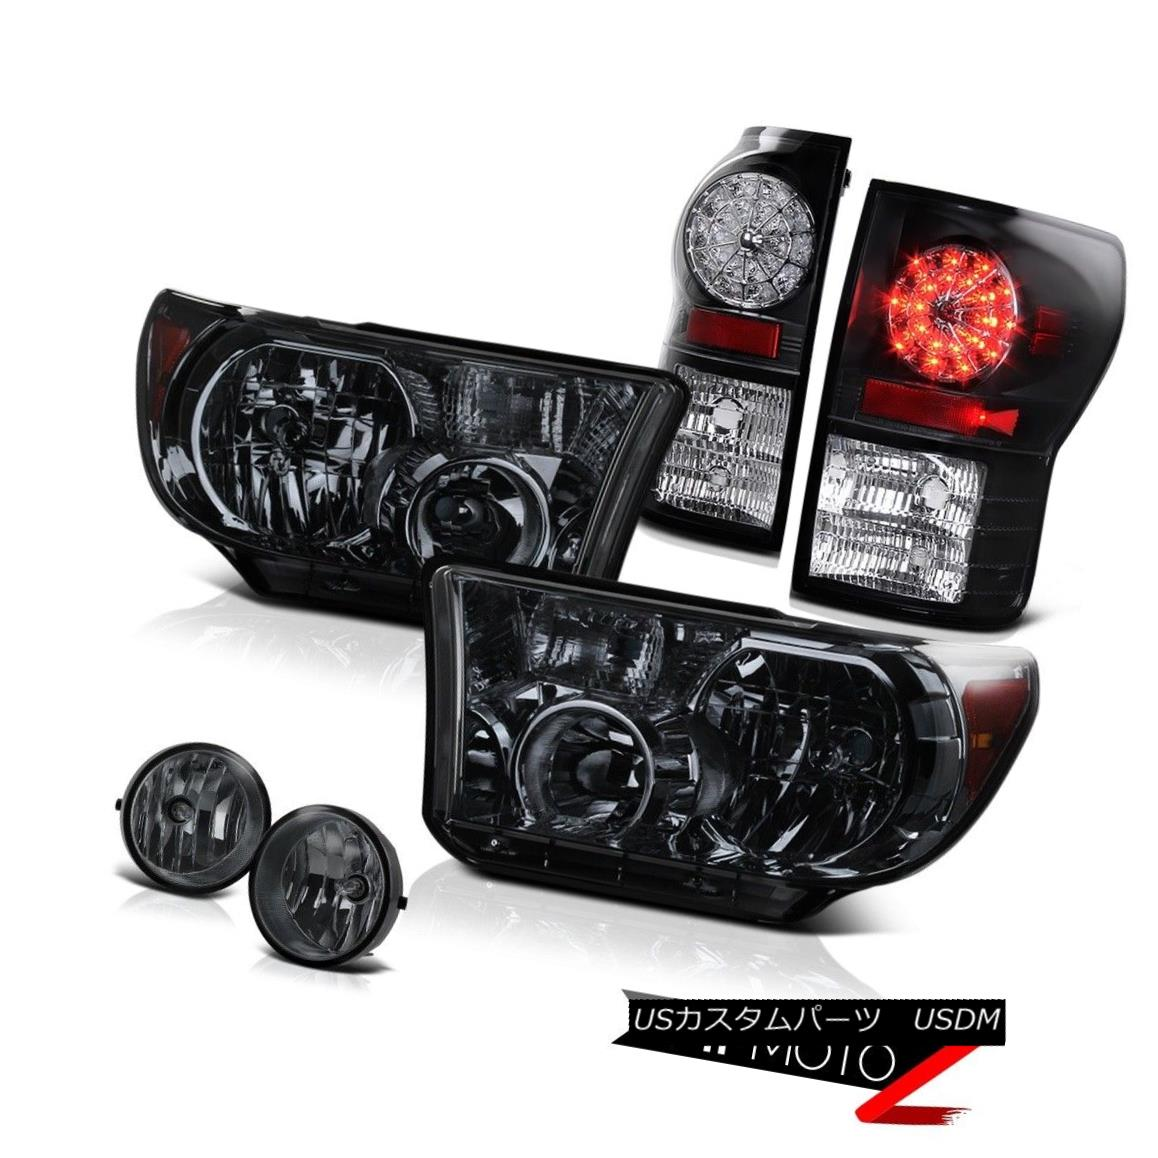 ヘッドライト Smoke Diamond Headlight+LED Brake Lamp Tail Light+Fog Lamp 07-2013 Toyota Tundra 煙ダイヤモンドヘッドライト+ LEDブレーキランプテールライト+フォグランプ07-2013 Toyota Tundra